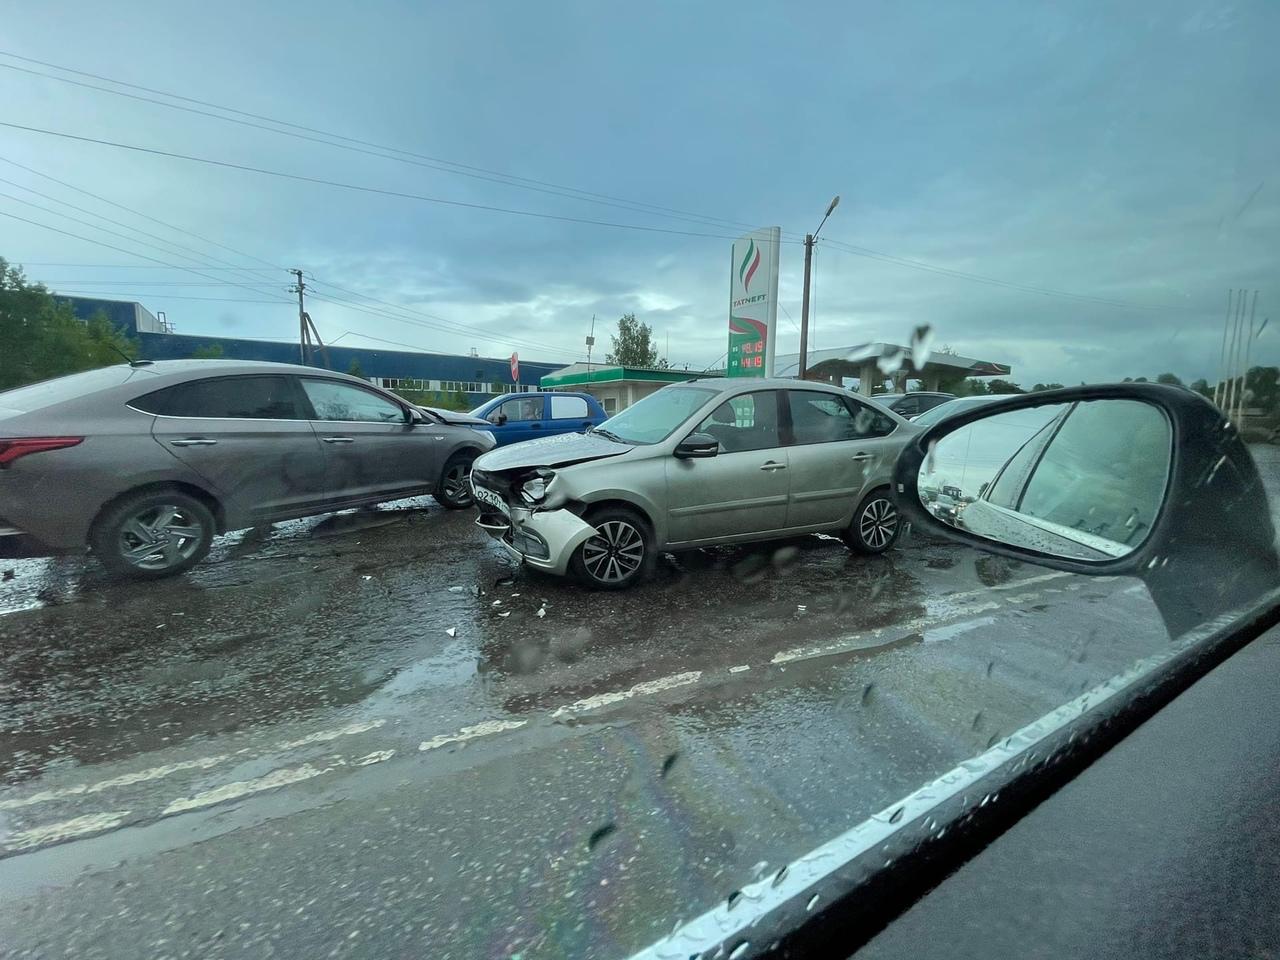 Массовое дтп на пересечении Колтушского шоссе и Рабочей ул. в17:20 Службы на месте